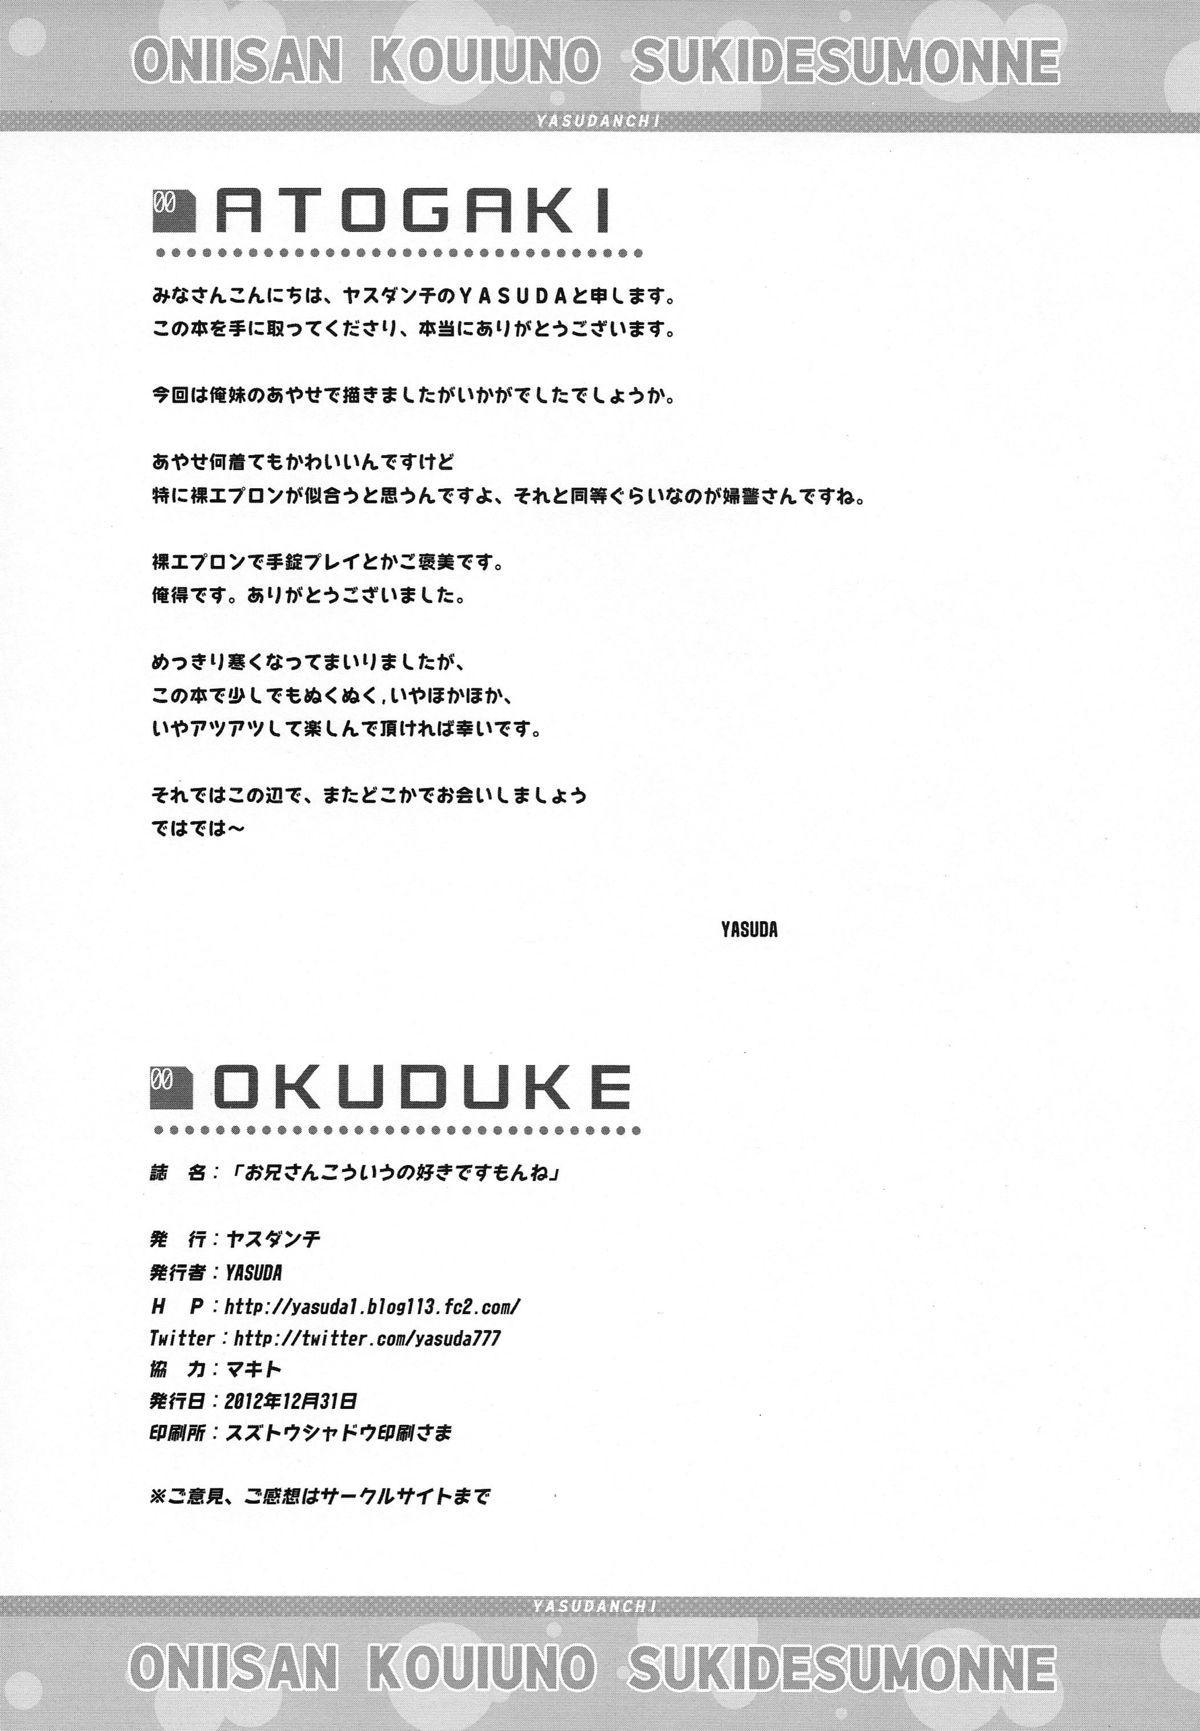 Onii-san Kou Iu no Suki Desu Mon ne 25